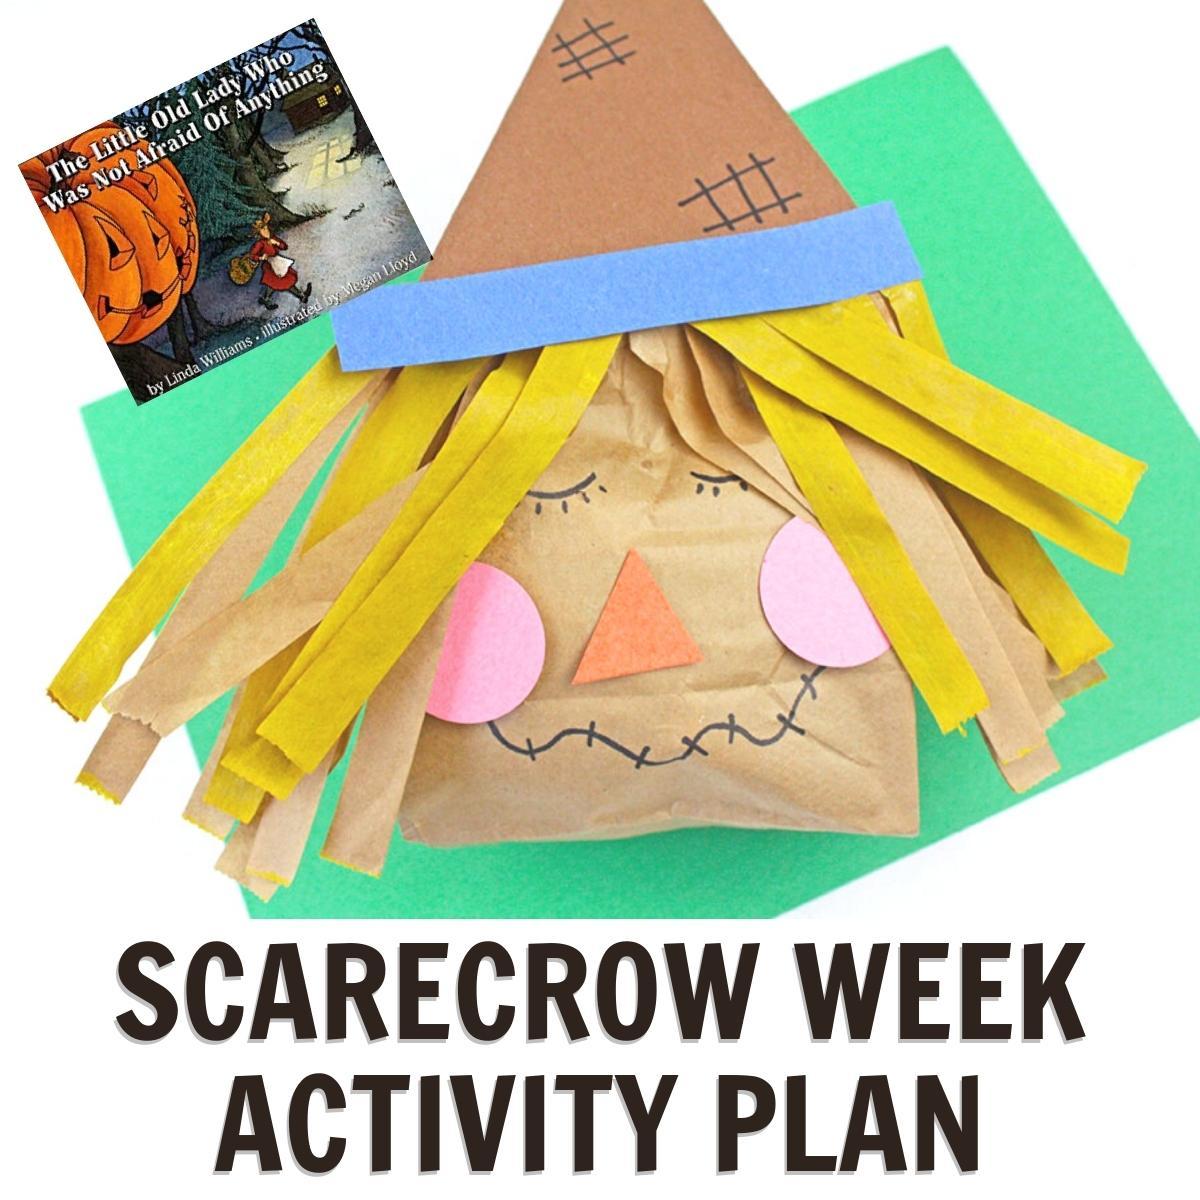 Scarecrow Week Activity Plan for Preschoolers